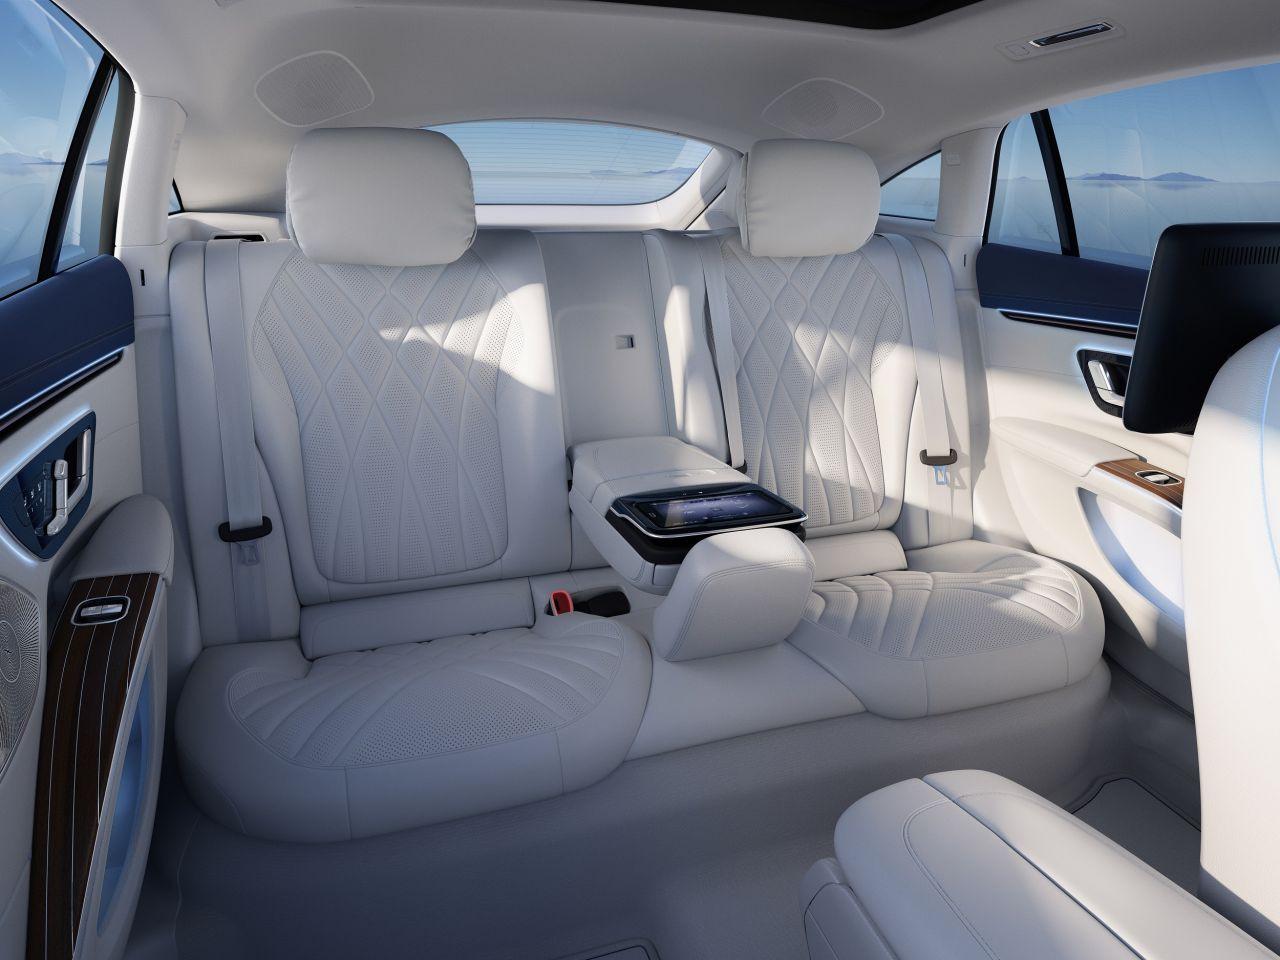 Mercedes'in yeni ''teknolojik'' devrimi: EQS tanıtıldı - Resim: 2